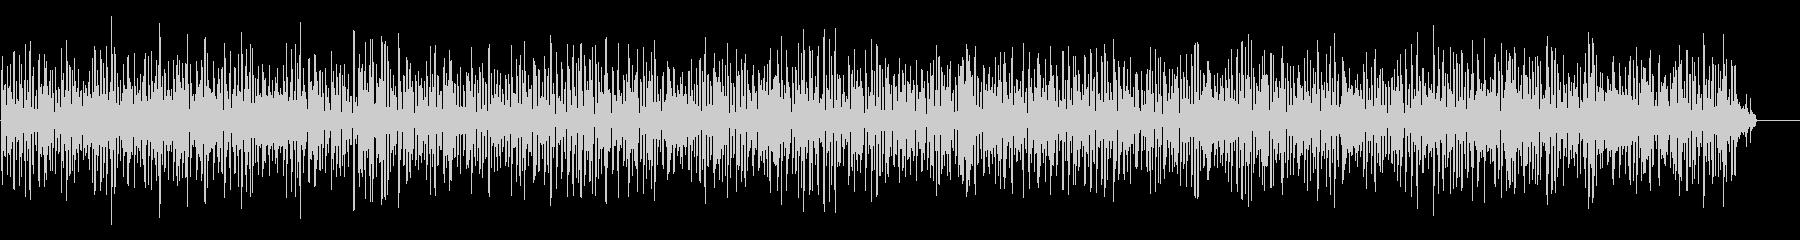 アコーディオンジャズバンド・ヨーロピアンの未再生の波形